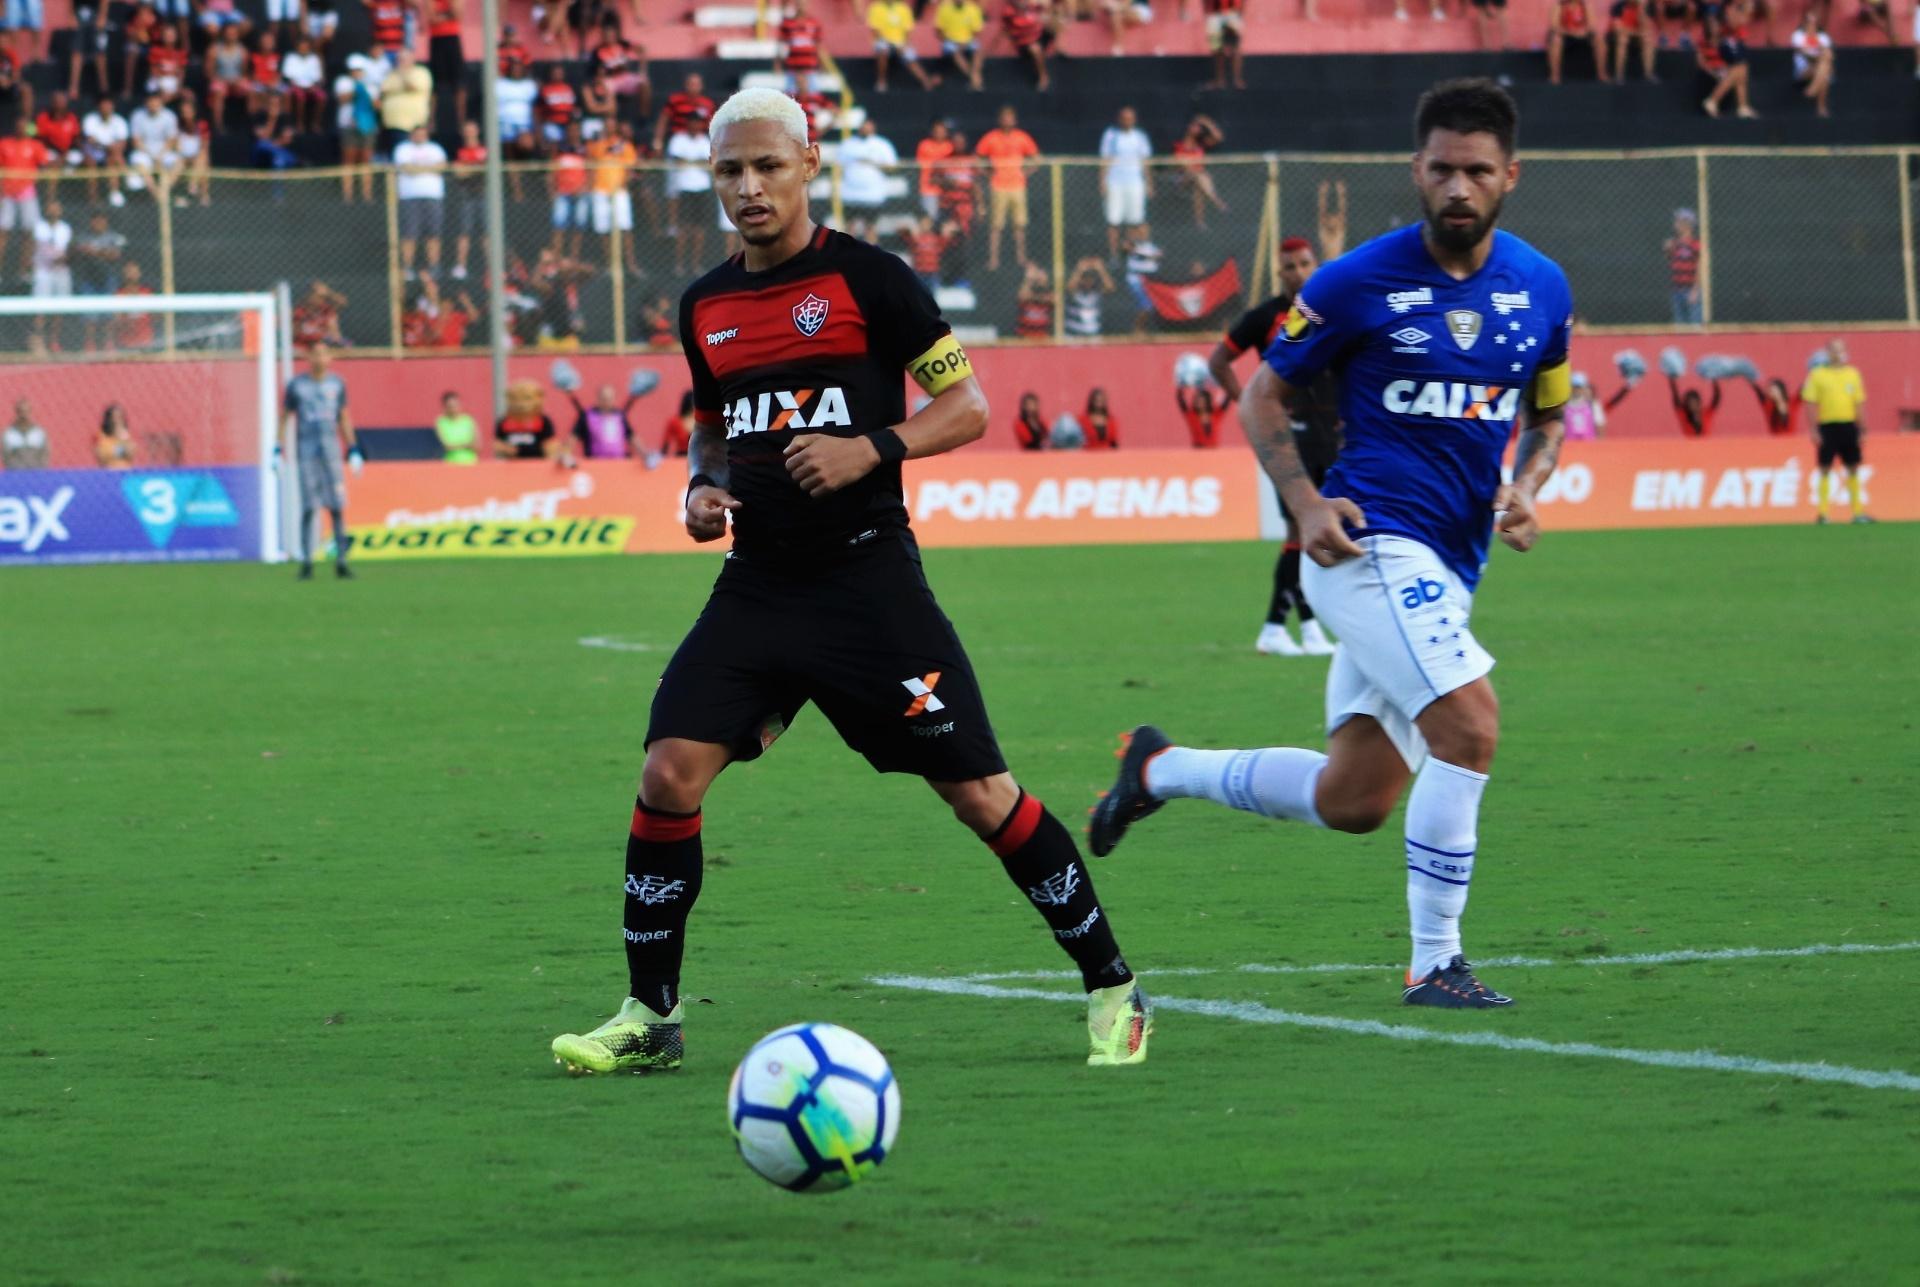 33ed1a9404 Inter negocia com o Vitória troca de Neilton por Andrigo - 12 12 2018 - UOL  Esporte